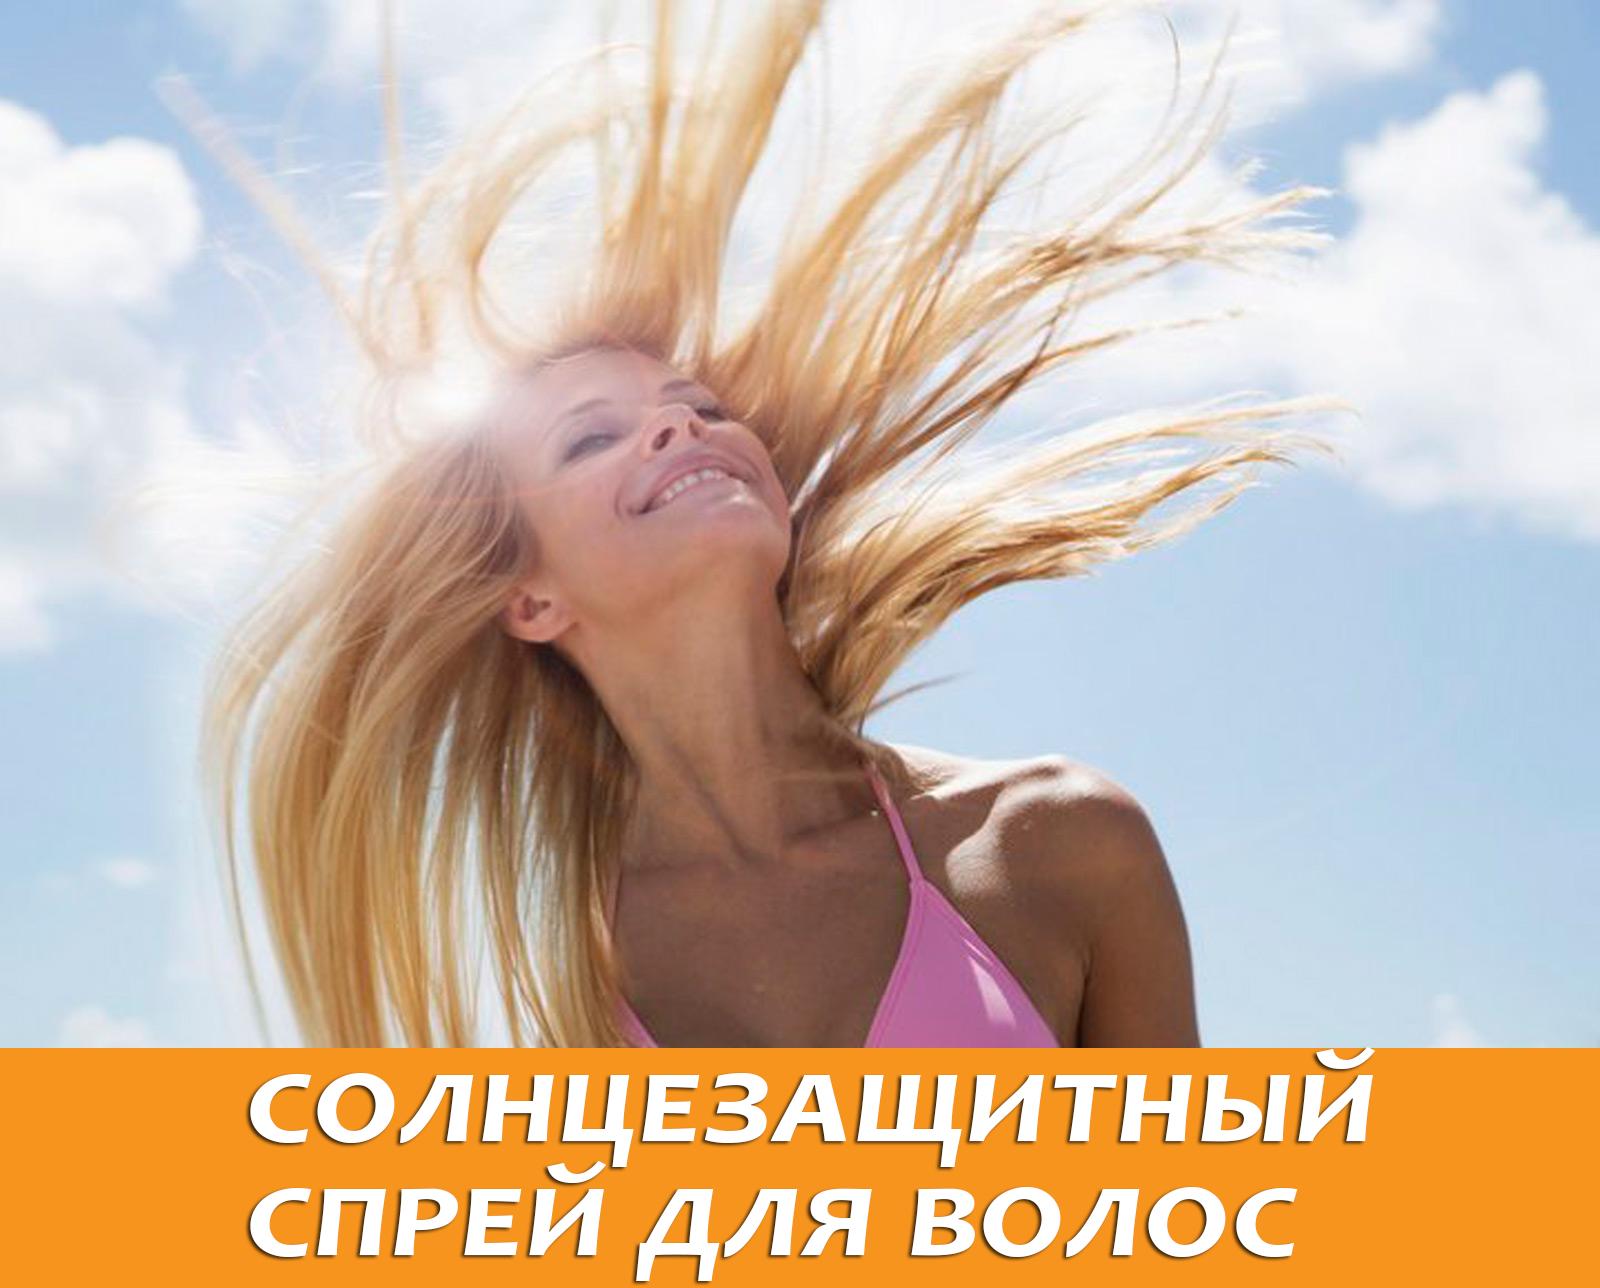 Какой солнцезащитный спрей для волос выбрать?